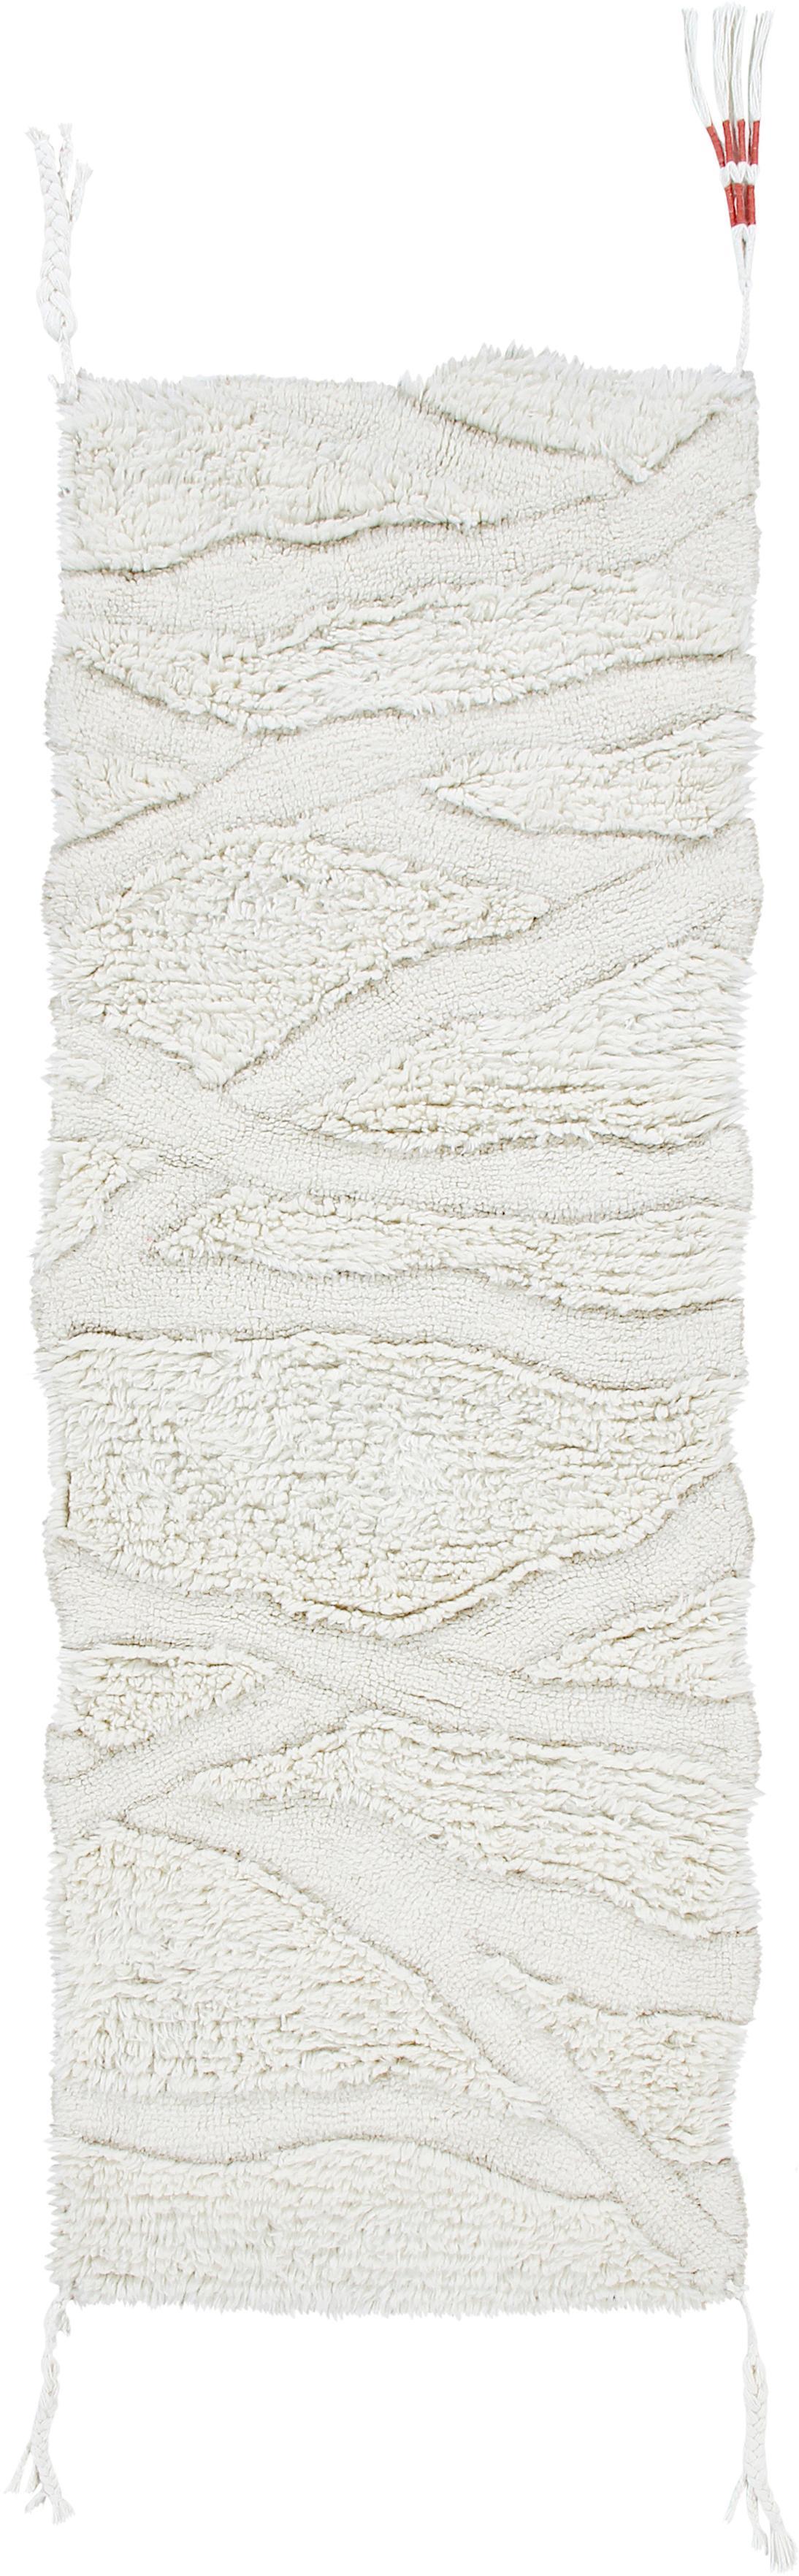 Wollläufer Enkang Ivory mit Hoch-Tief-Struktur und Quasten, Flor: 100% Wolle, Gebrochenes Weiß, 70 x 200 cm